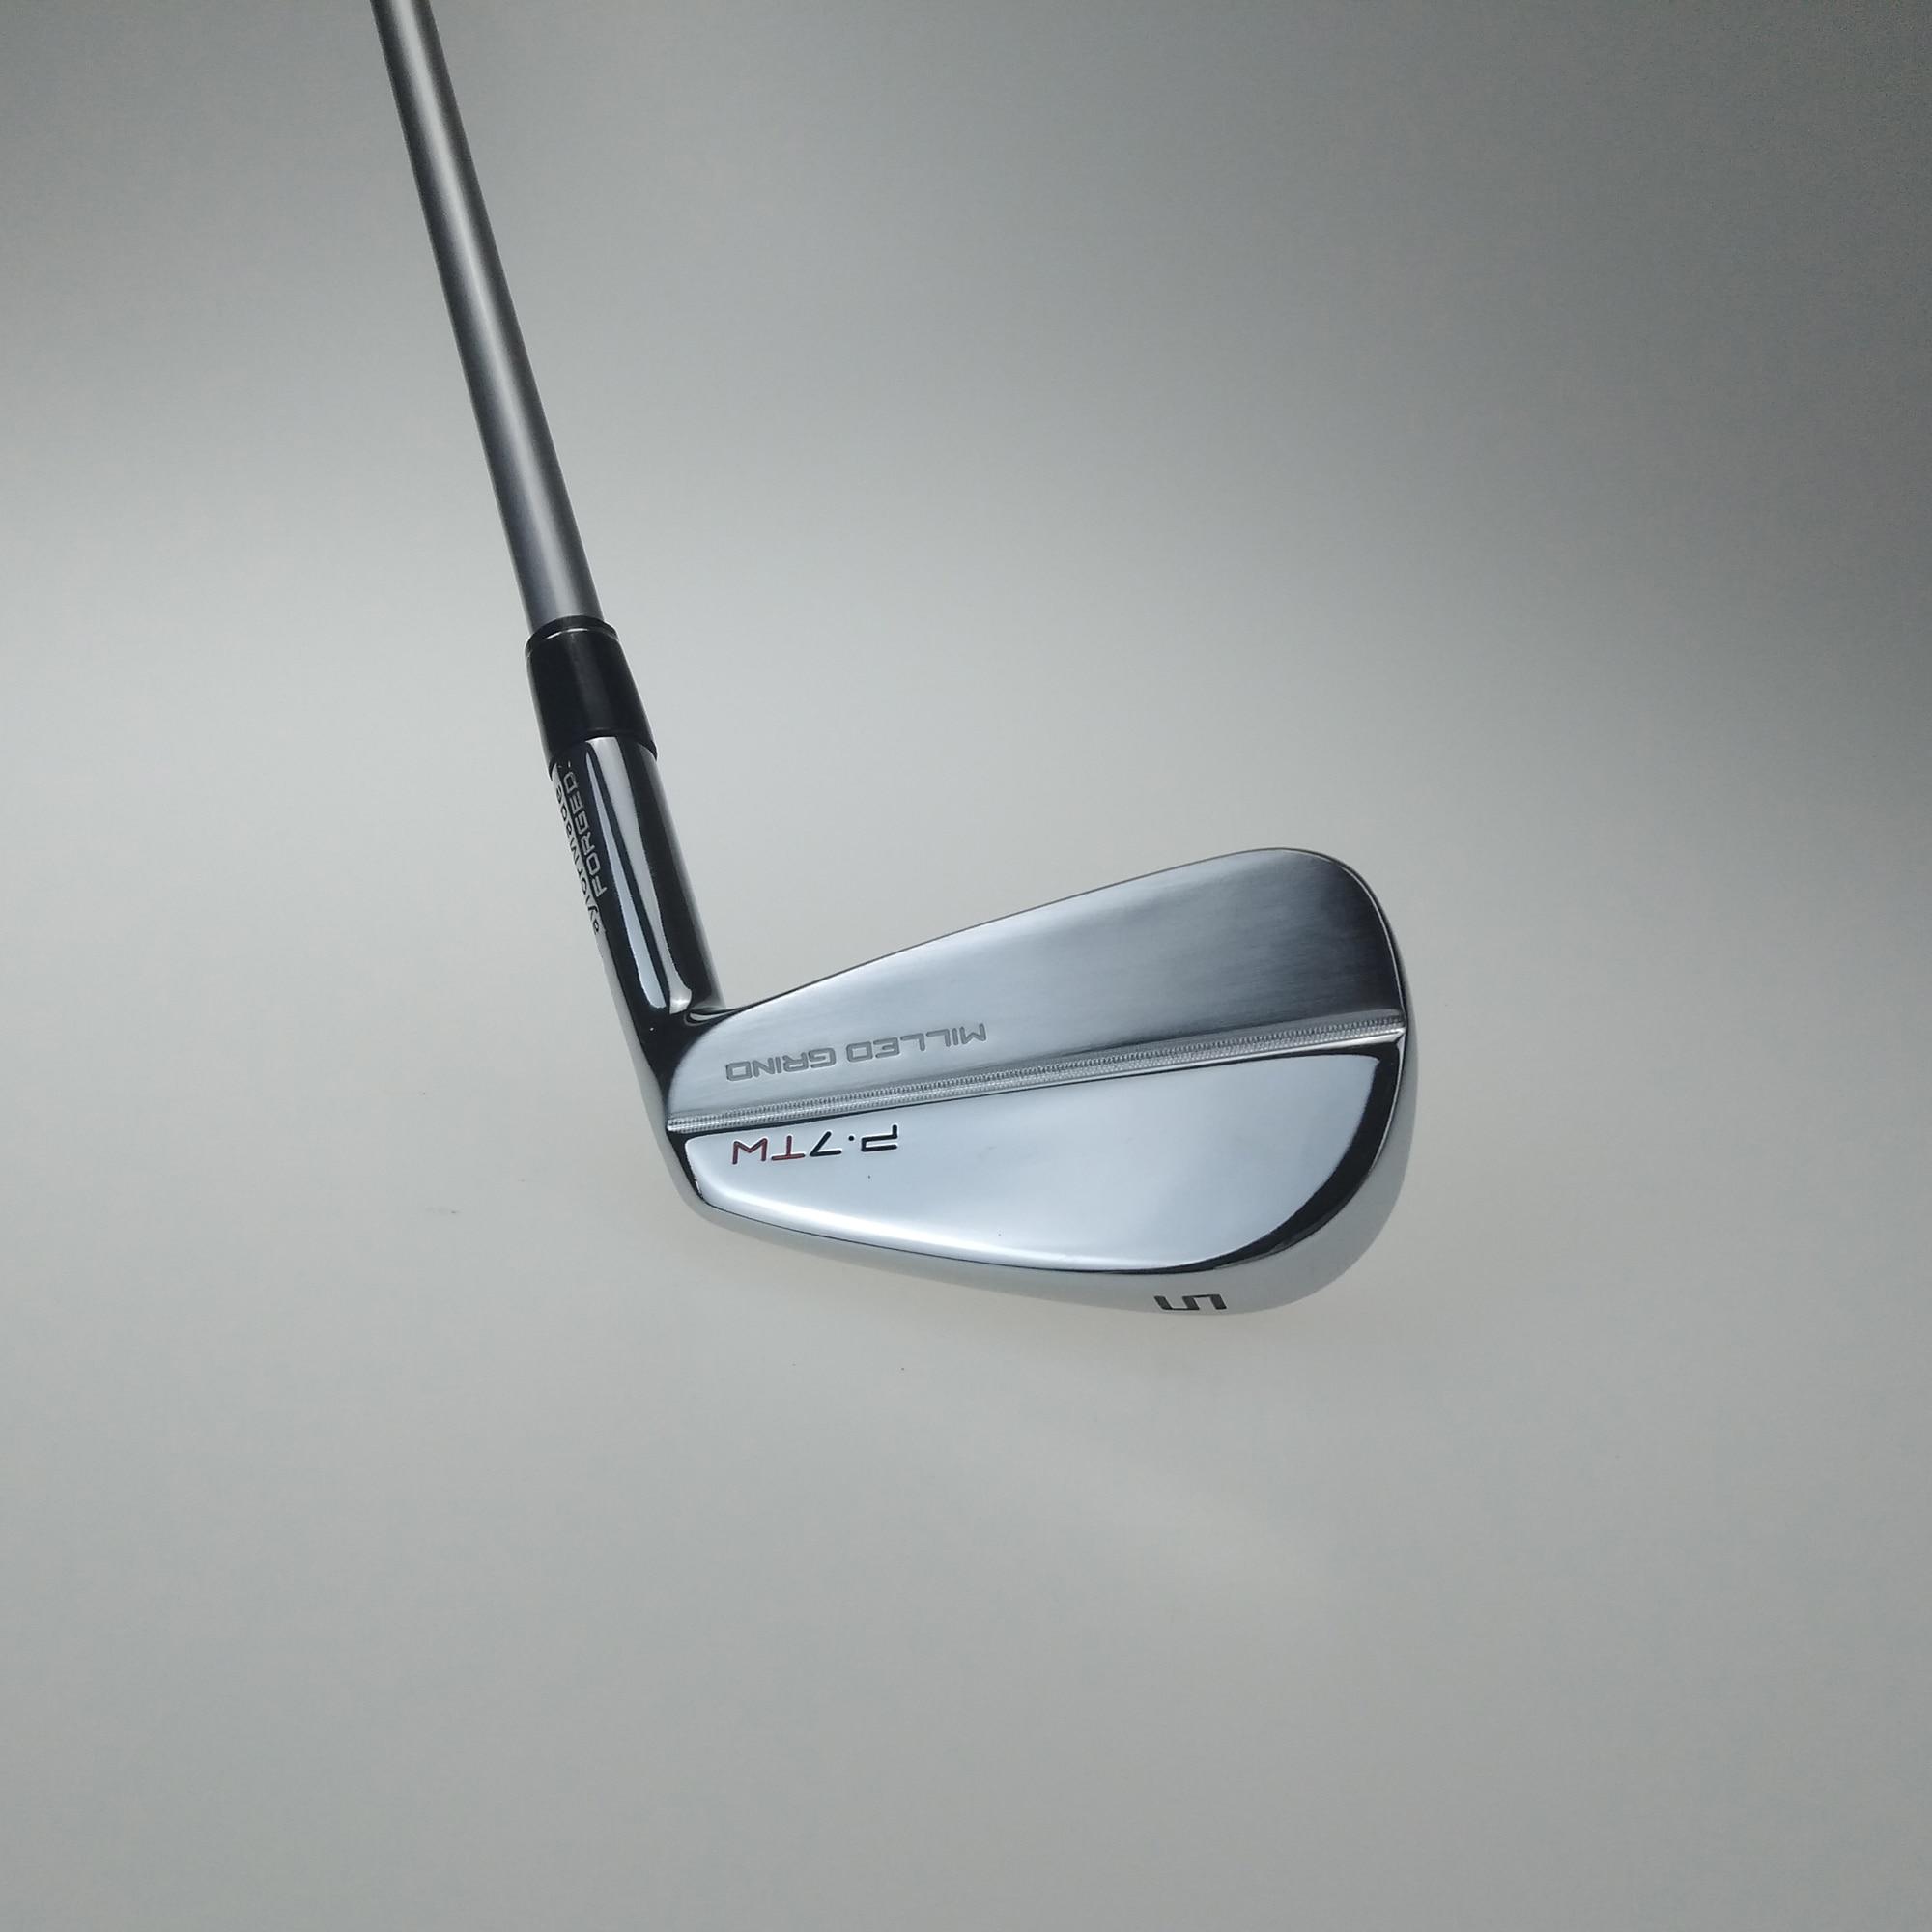 P7TW Golf clubs fers argent golf forgé fer 3-p un ensemble de 8 pièces R/S envoyer couvre-chef livraison gratuite